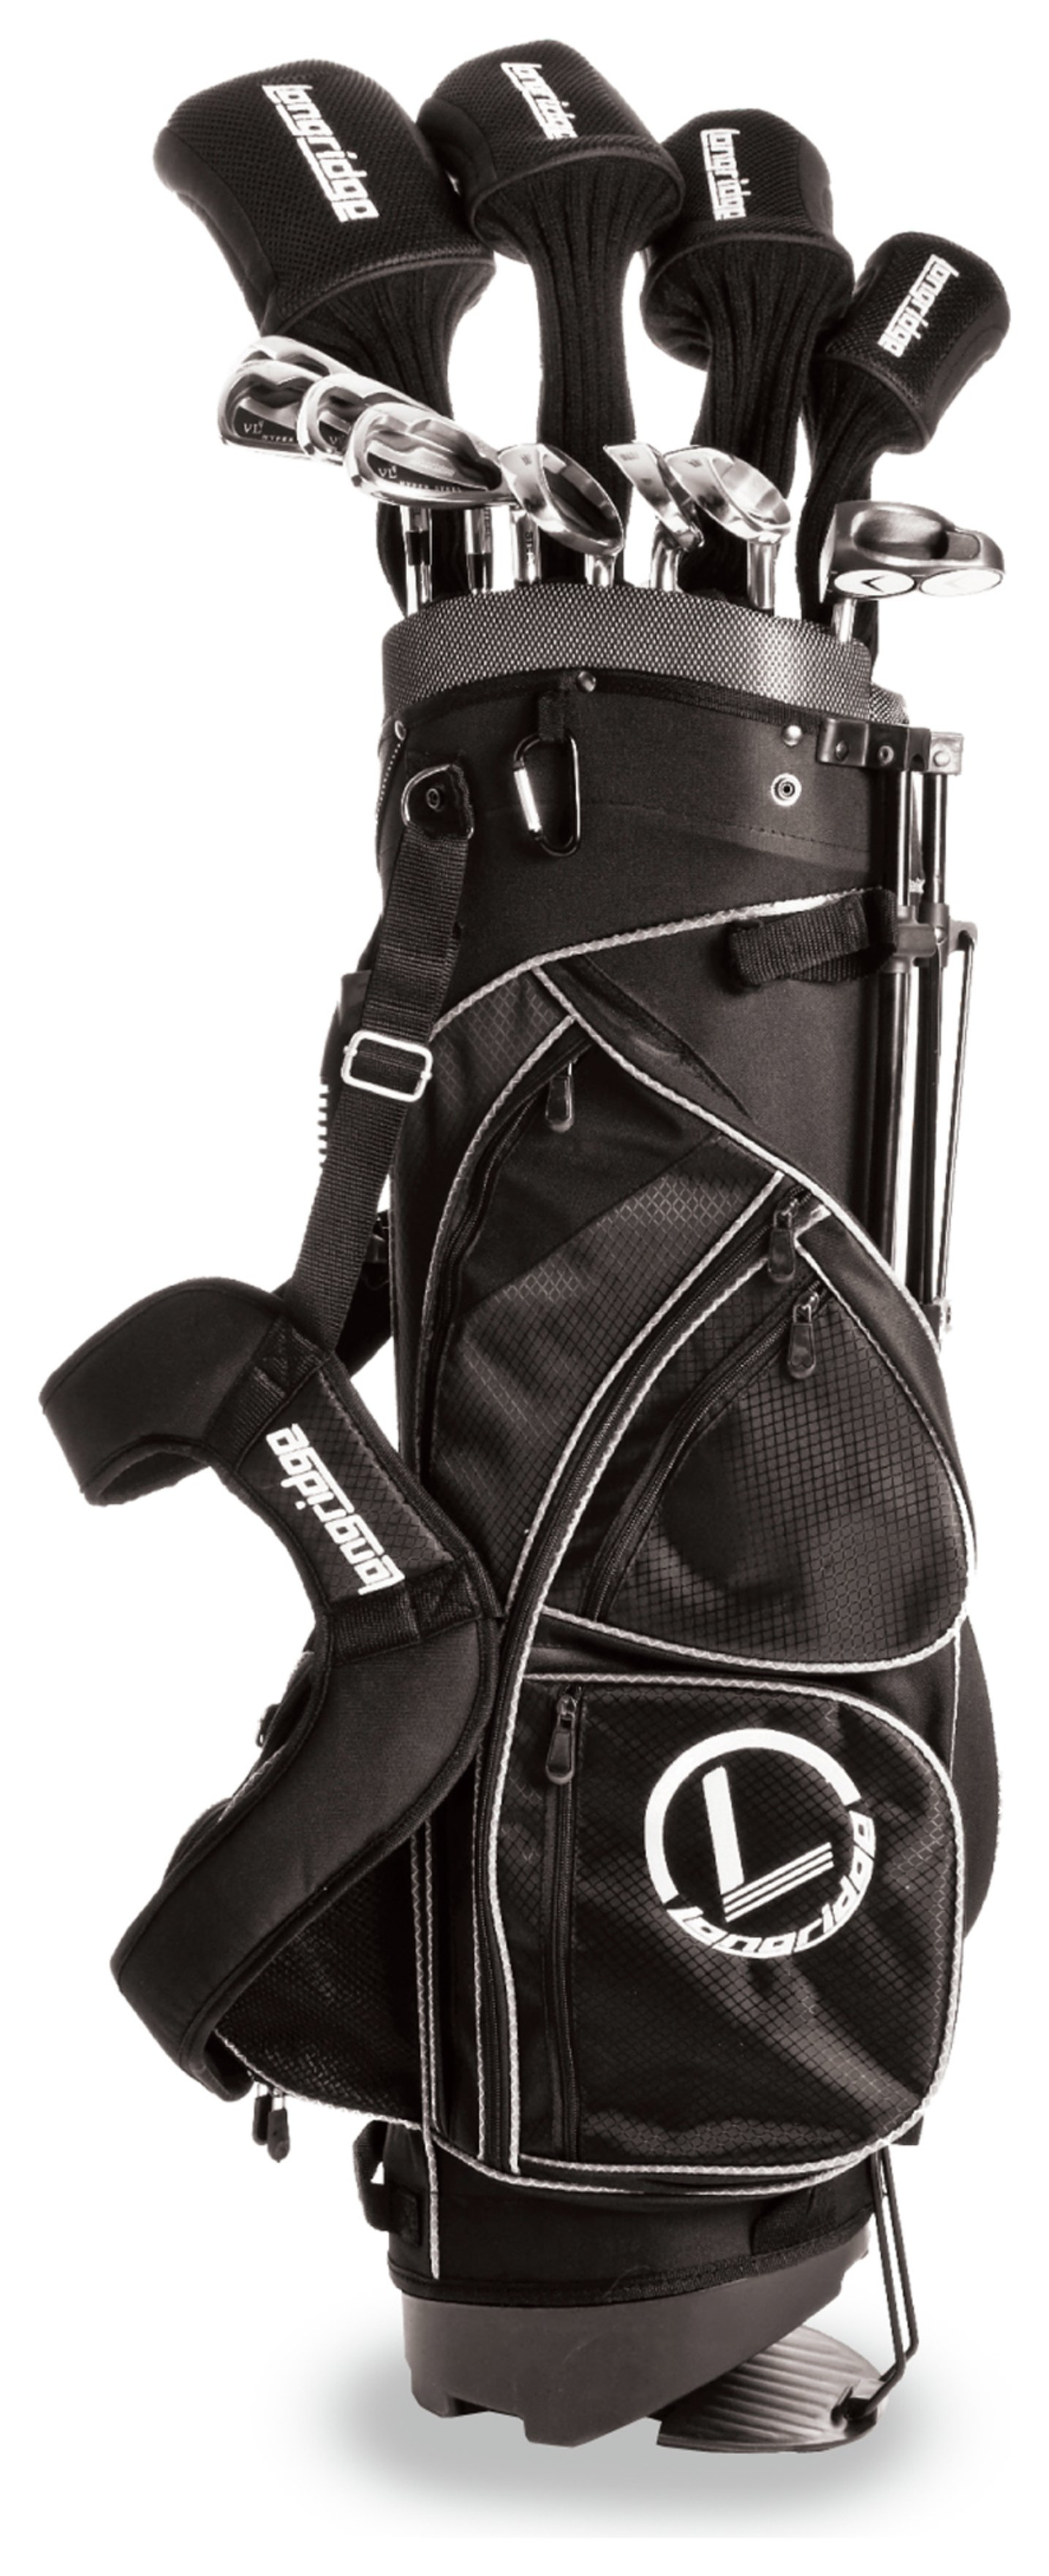 Longridge VL4 Complete Golf Club Package